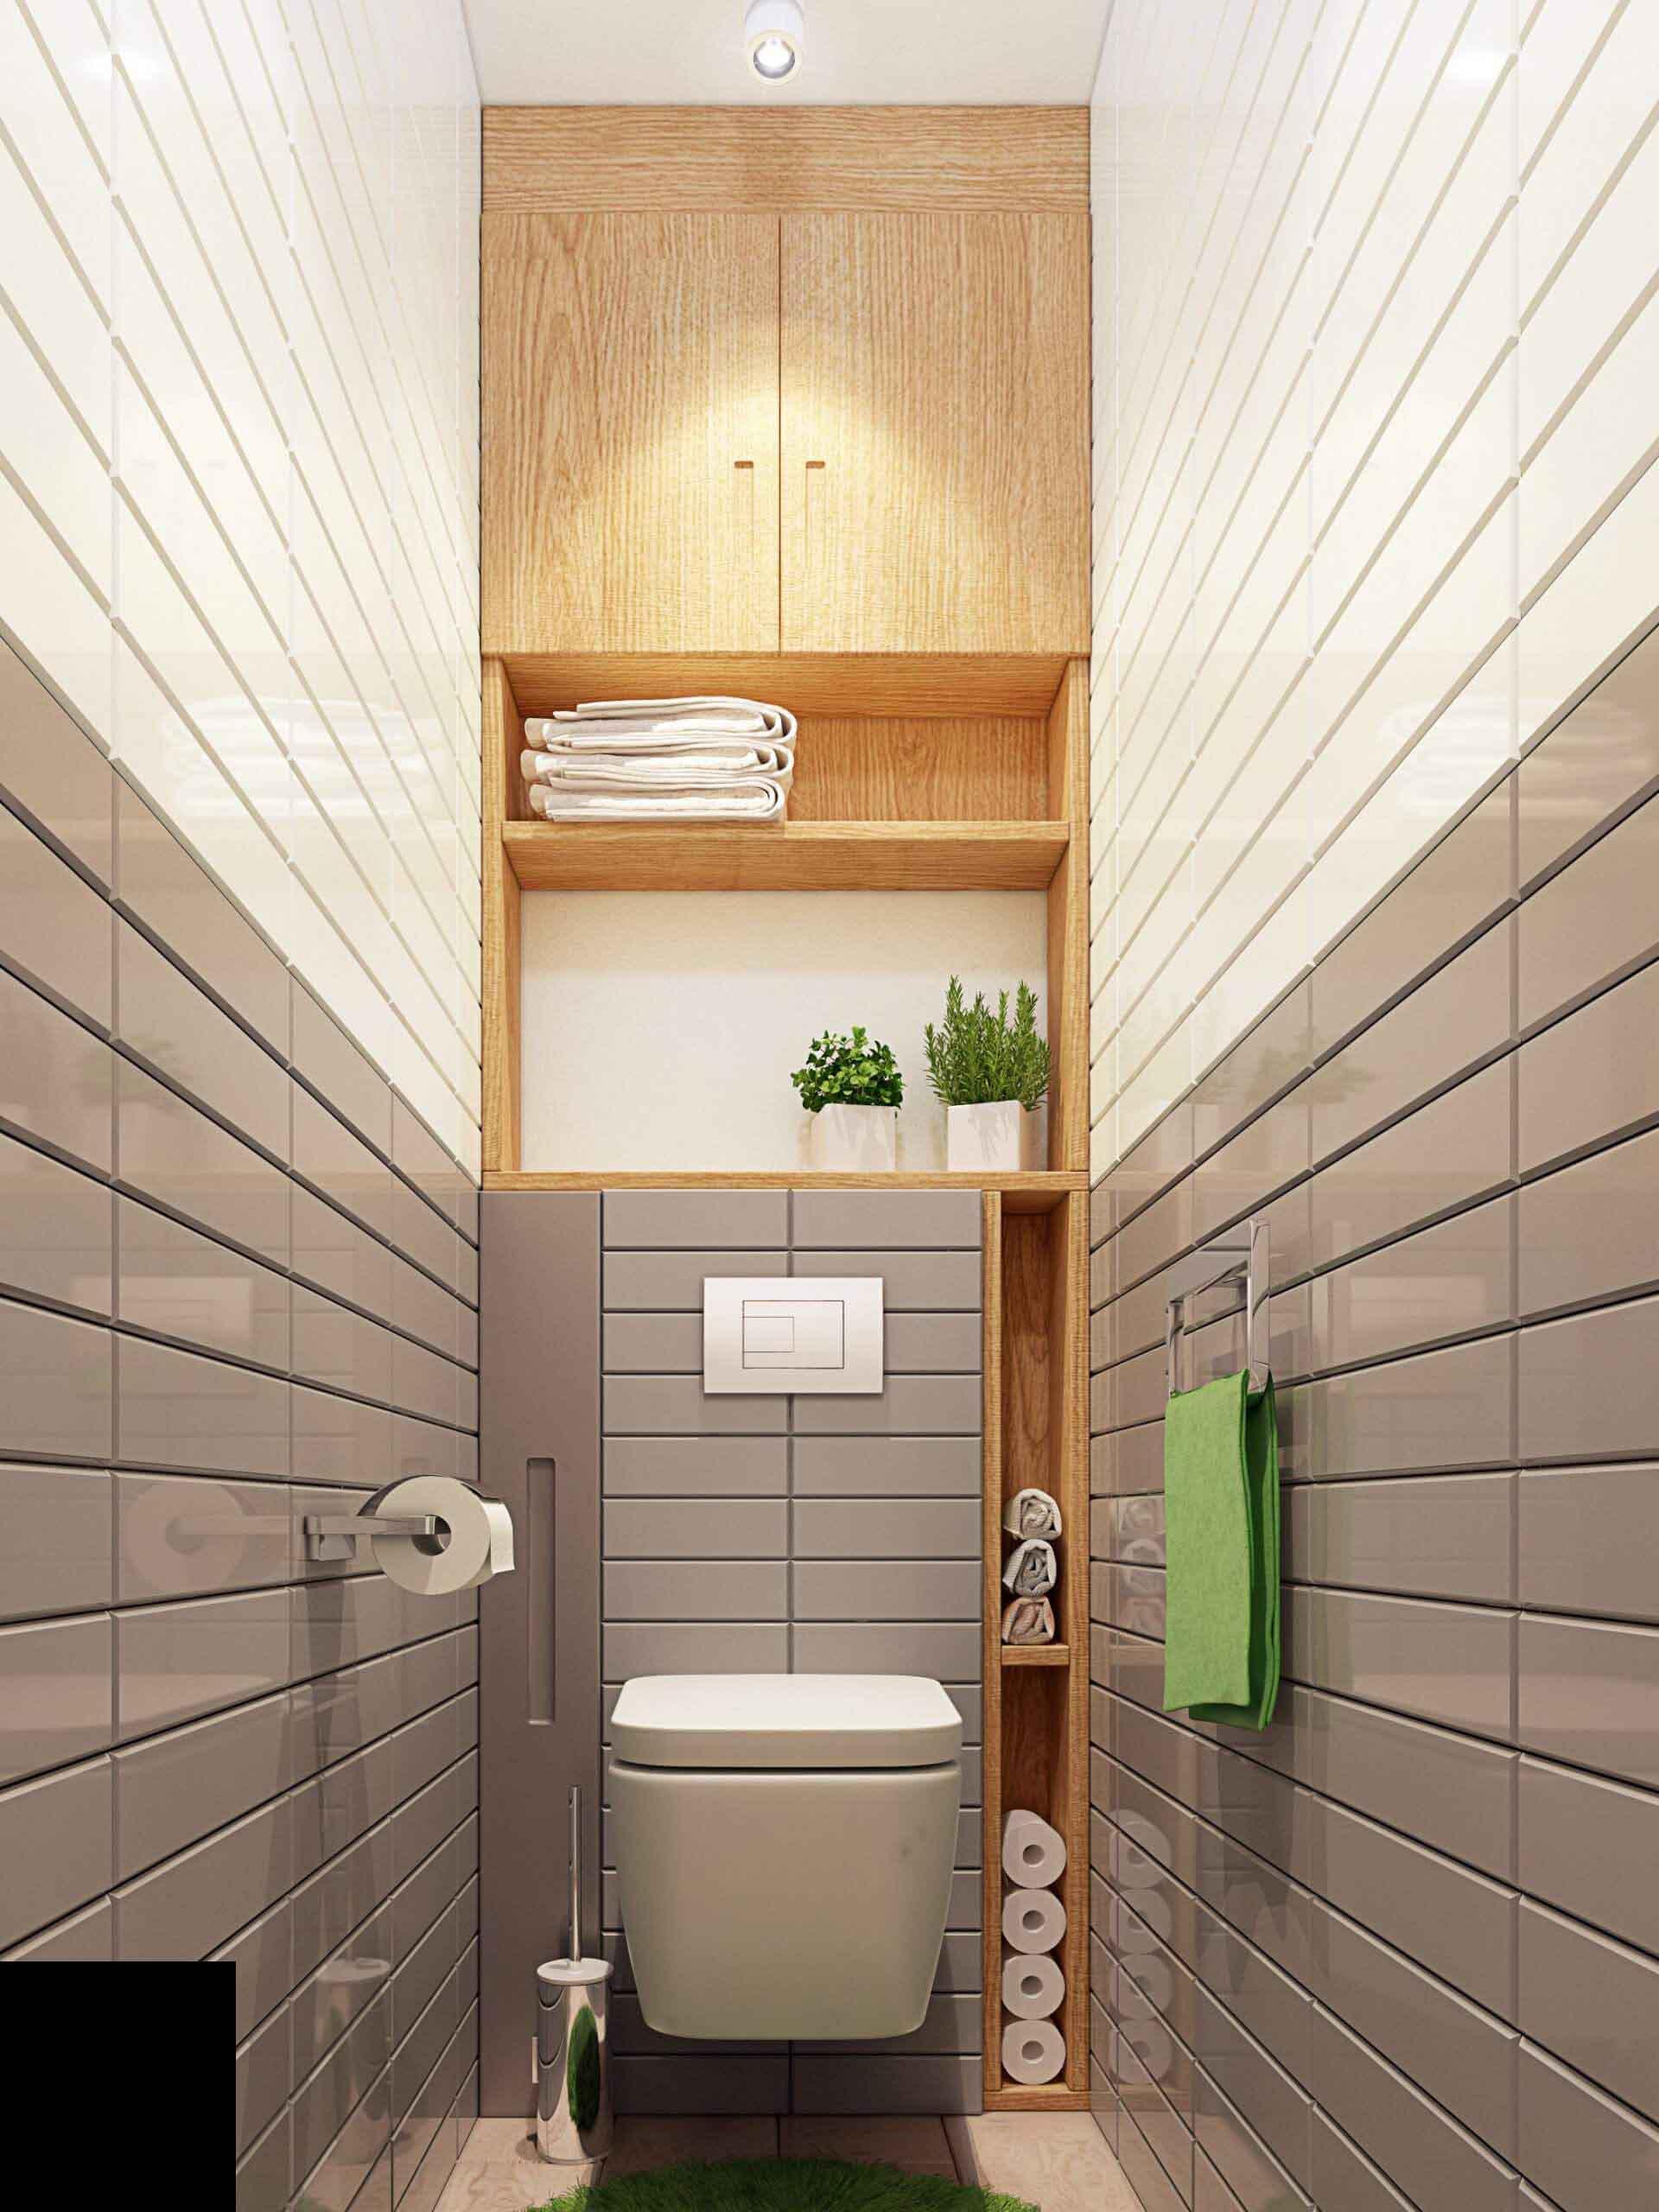 şık-modern-küçük-tuvalet-wc-dekorasyonu